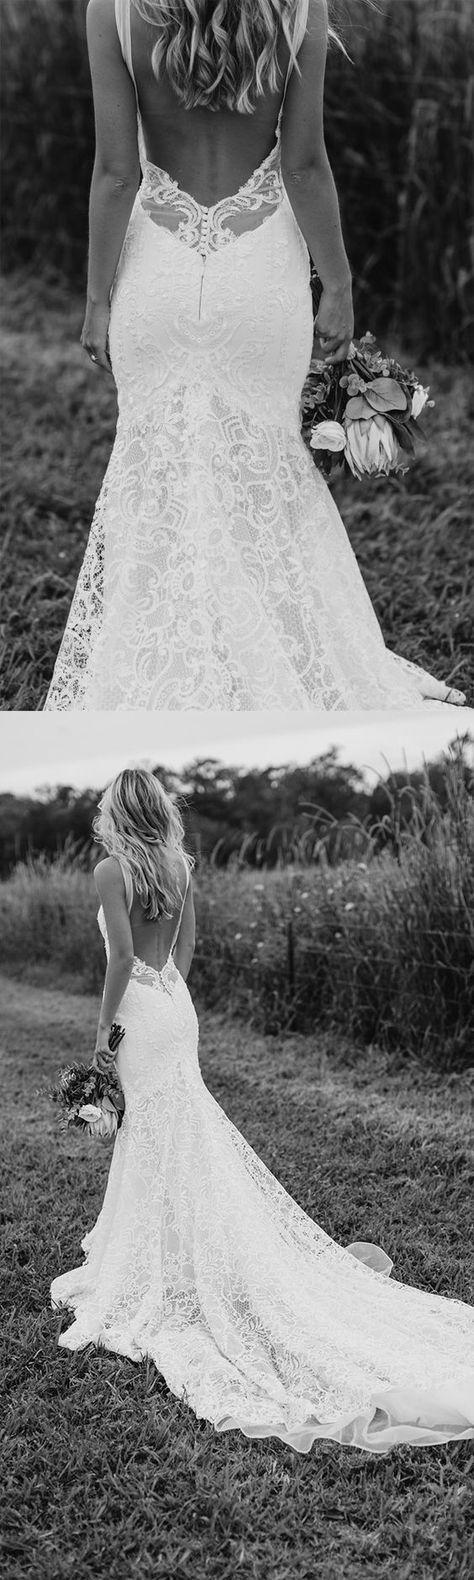 Vintage Brautkleid aus Spitze mit langer Schleppe und tiefem sexy ...